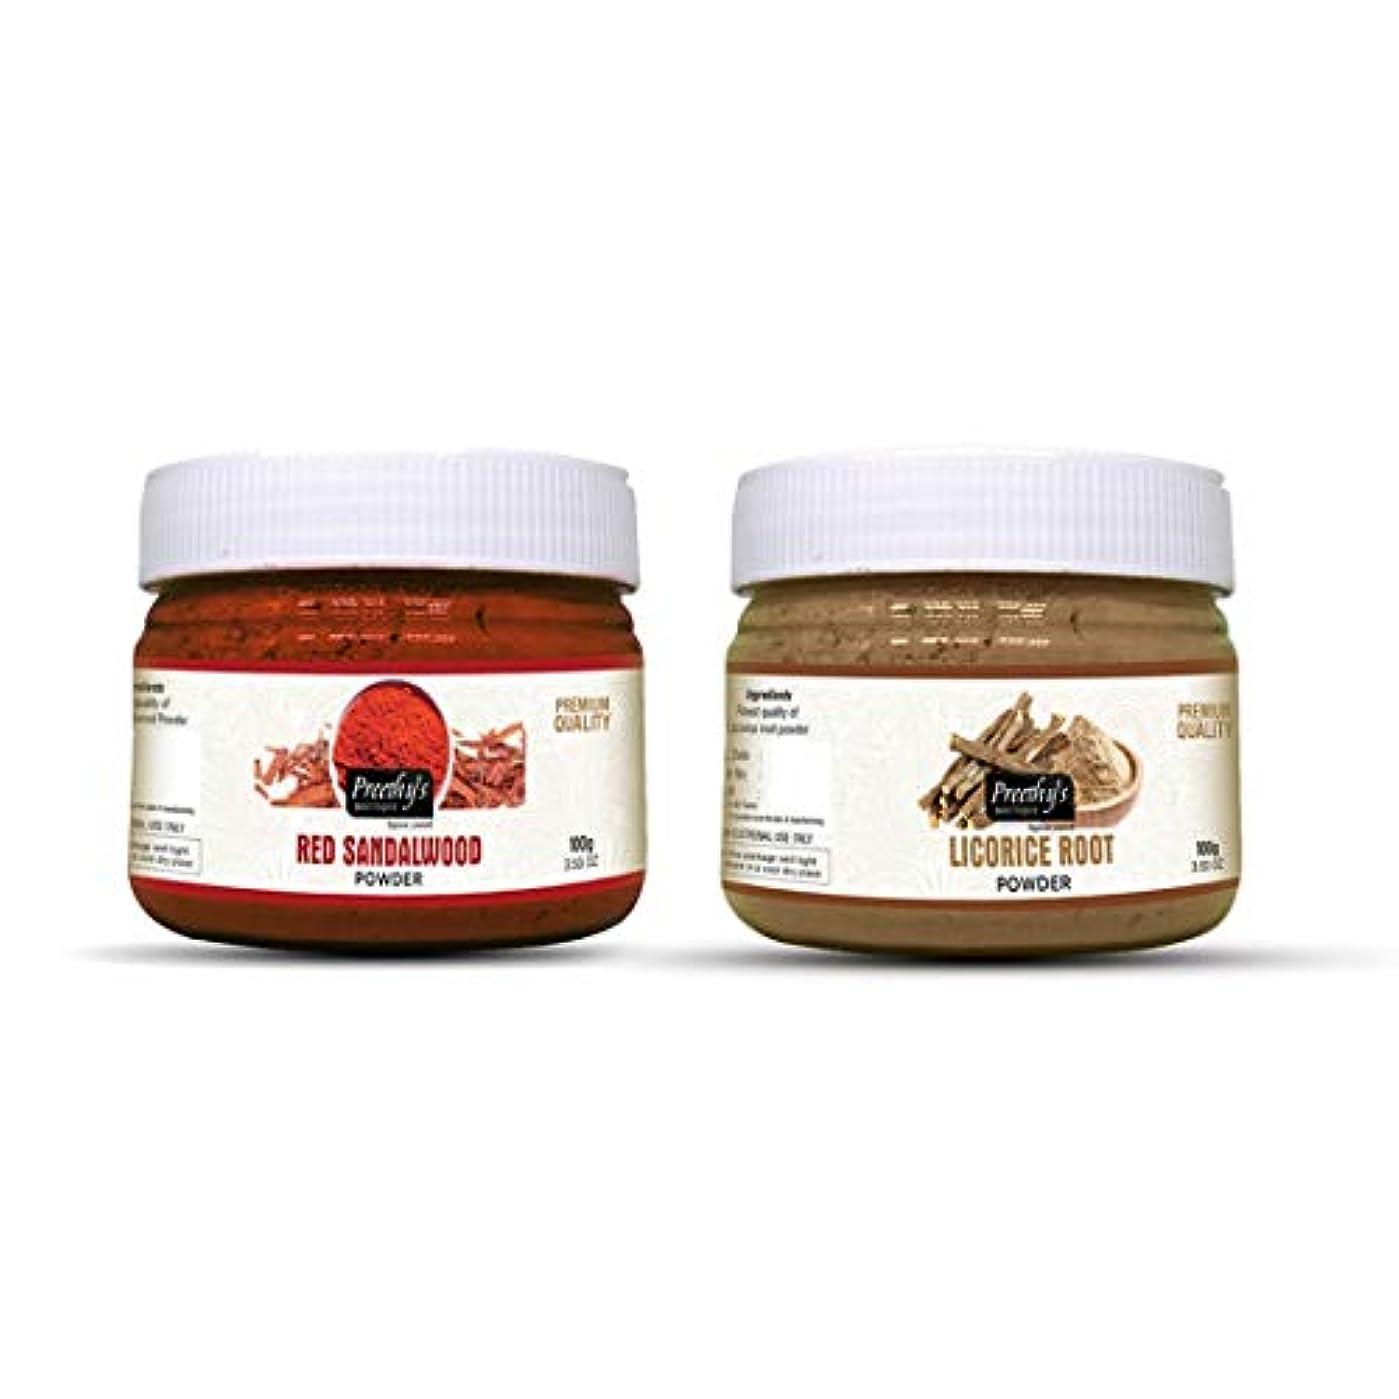 パートナー疑い者一緒にCombo offer Of Licorice root powder 100gm & Red sandalwood powder 100gm - Natural Remedies for Skin Disorders,...